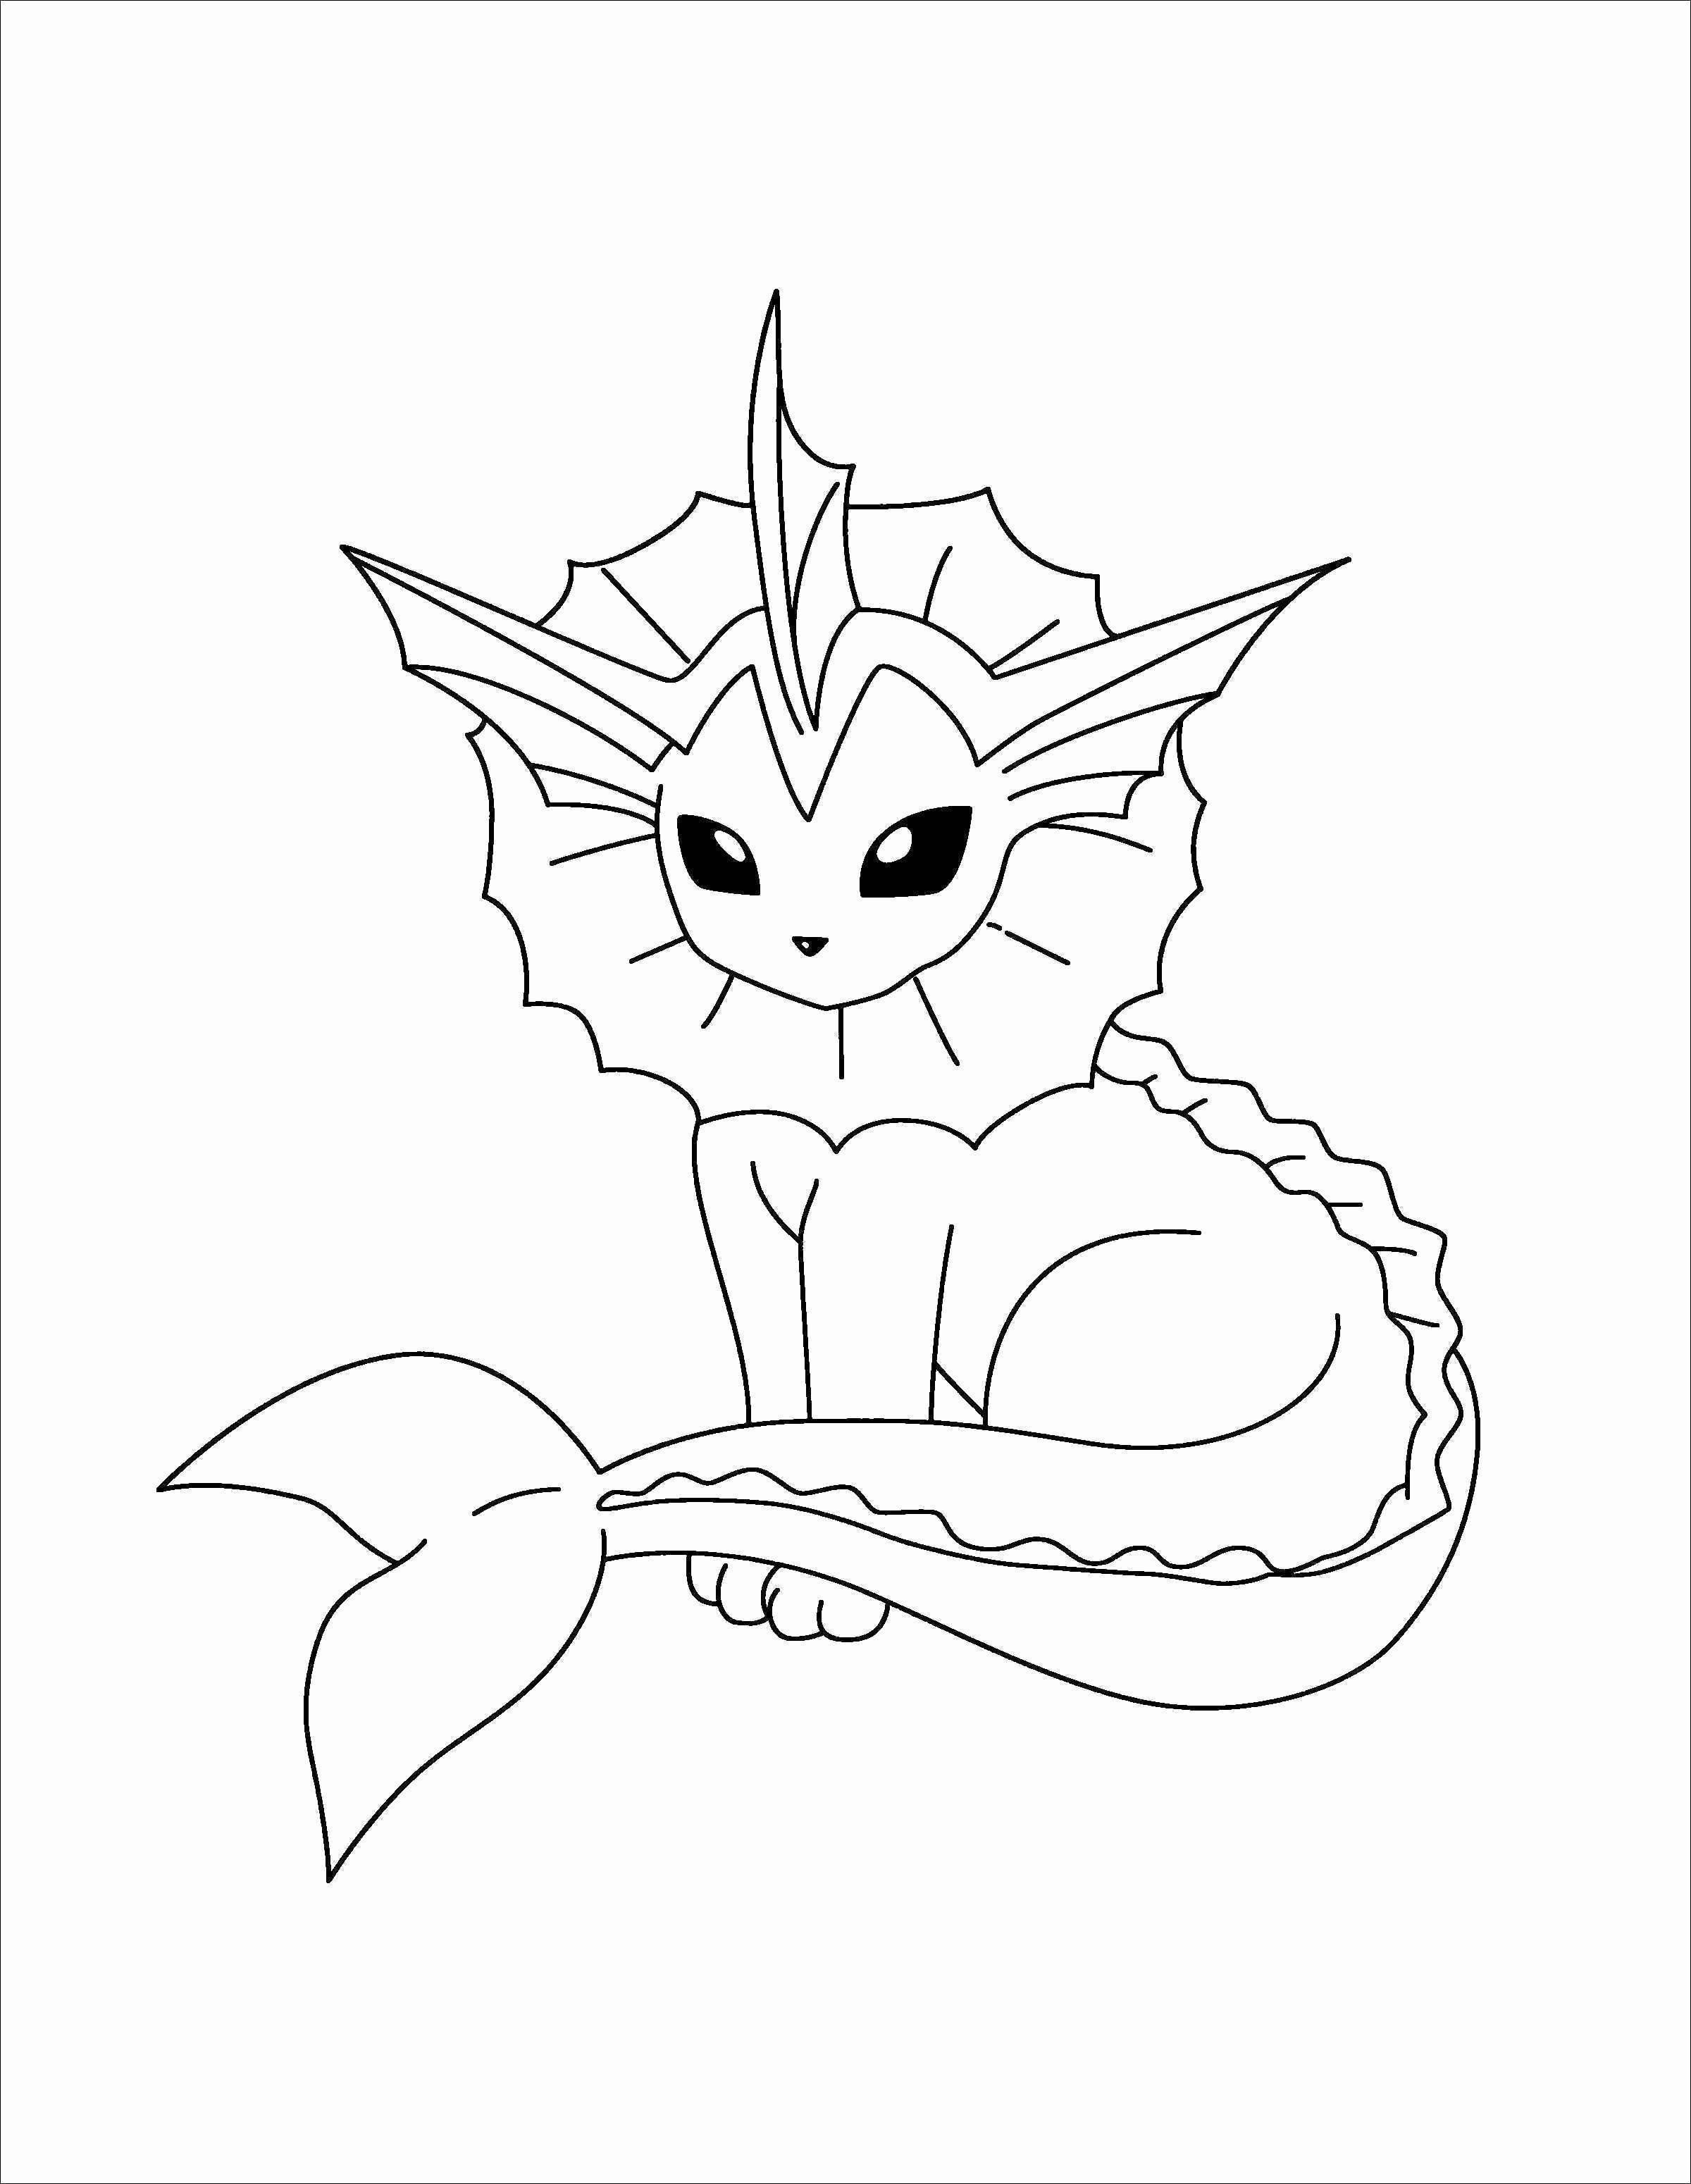 Malvorlagen Pokemon Glurak Frisch Mandala Pokemon Ausdrucken Sammlung